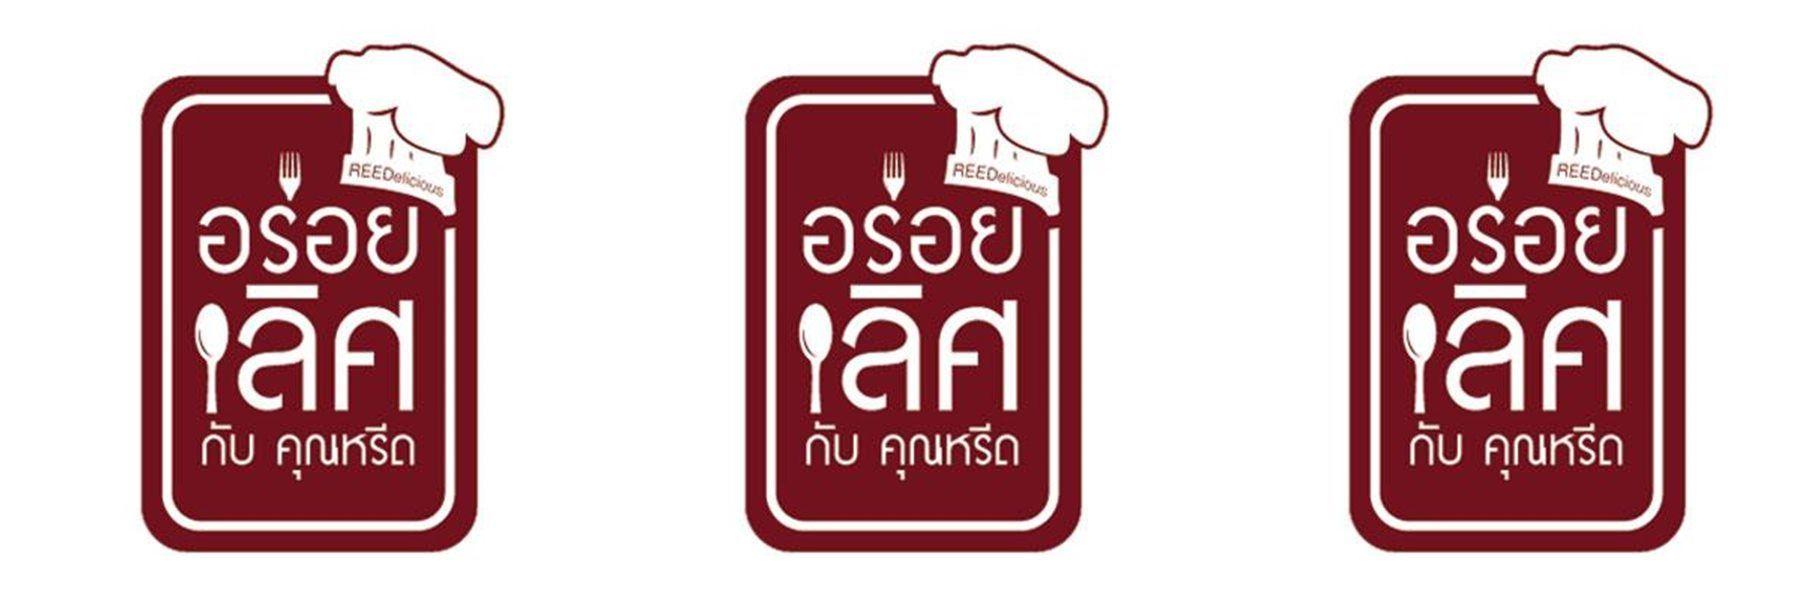 ดูละครย้อนหลัง อาหารโมเดิร์นยูโรเปี้ยน THYME Eatery & Bar | อร่อยเลิศกับคุณหรีด l 29 มี.ค. 62